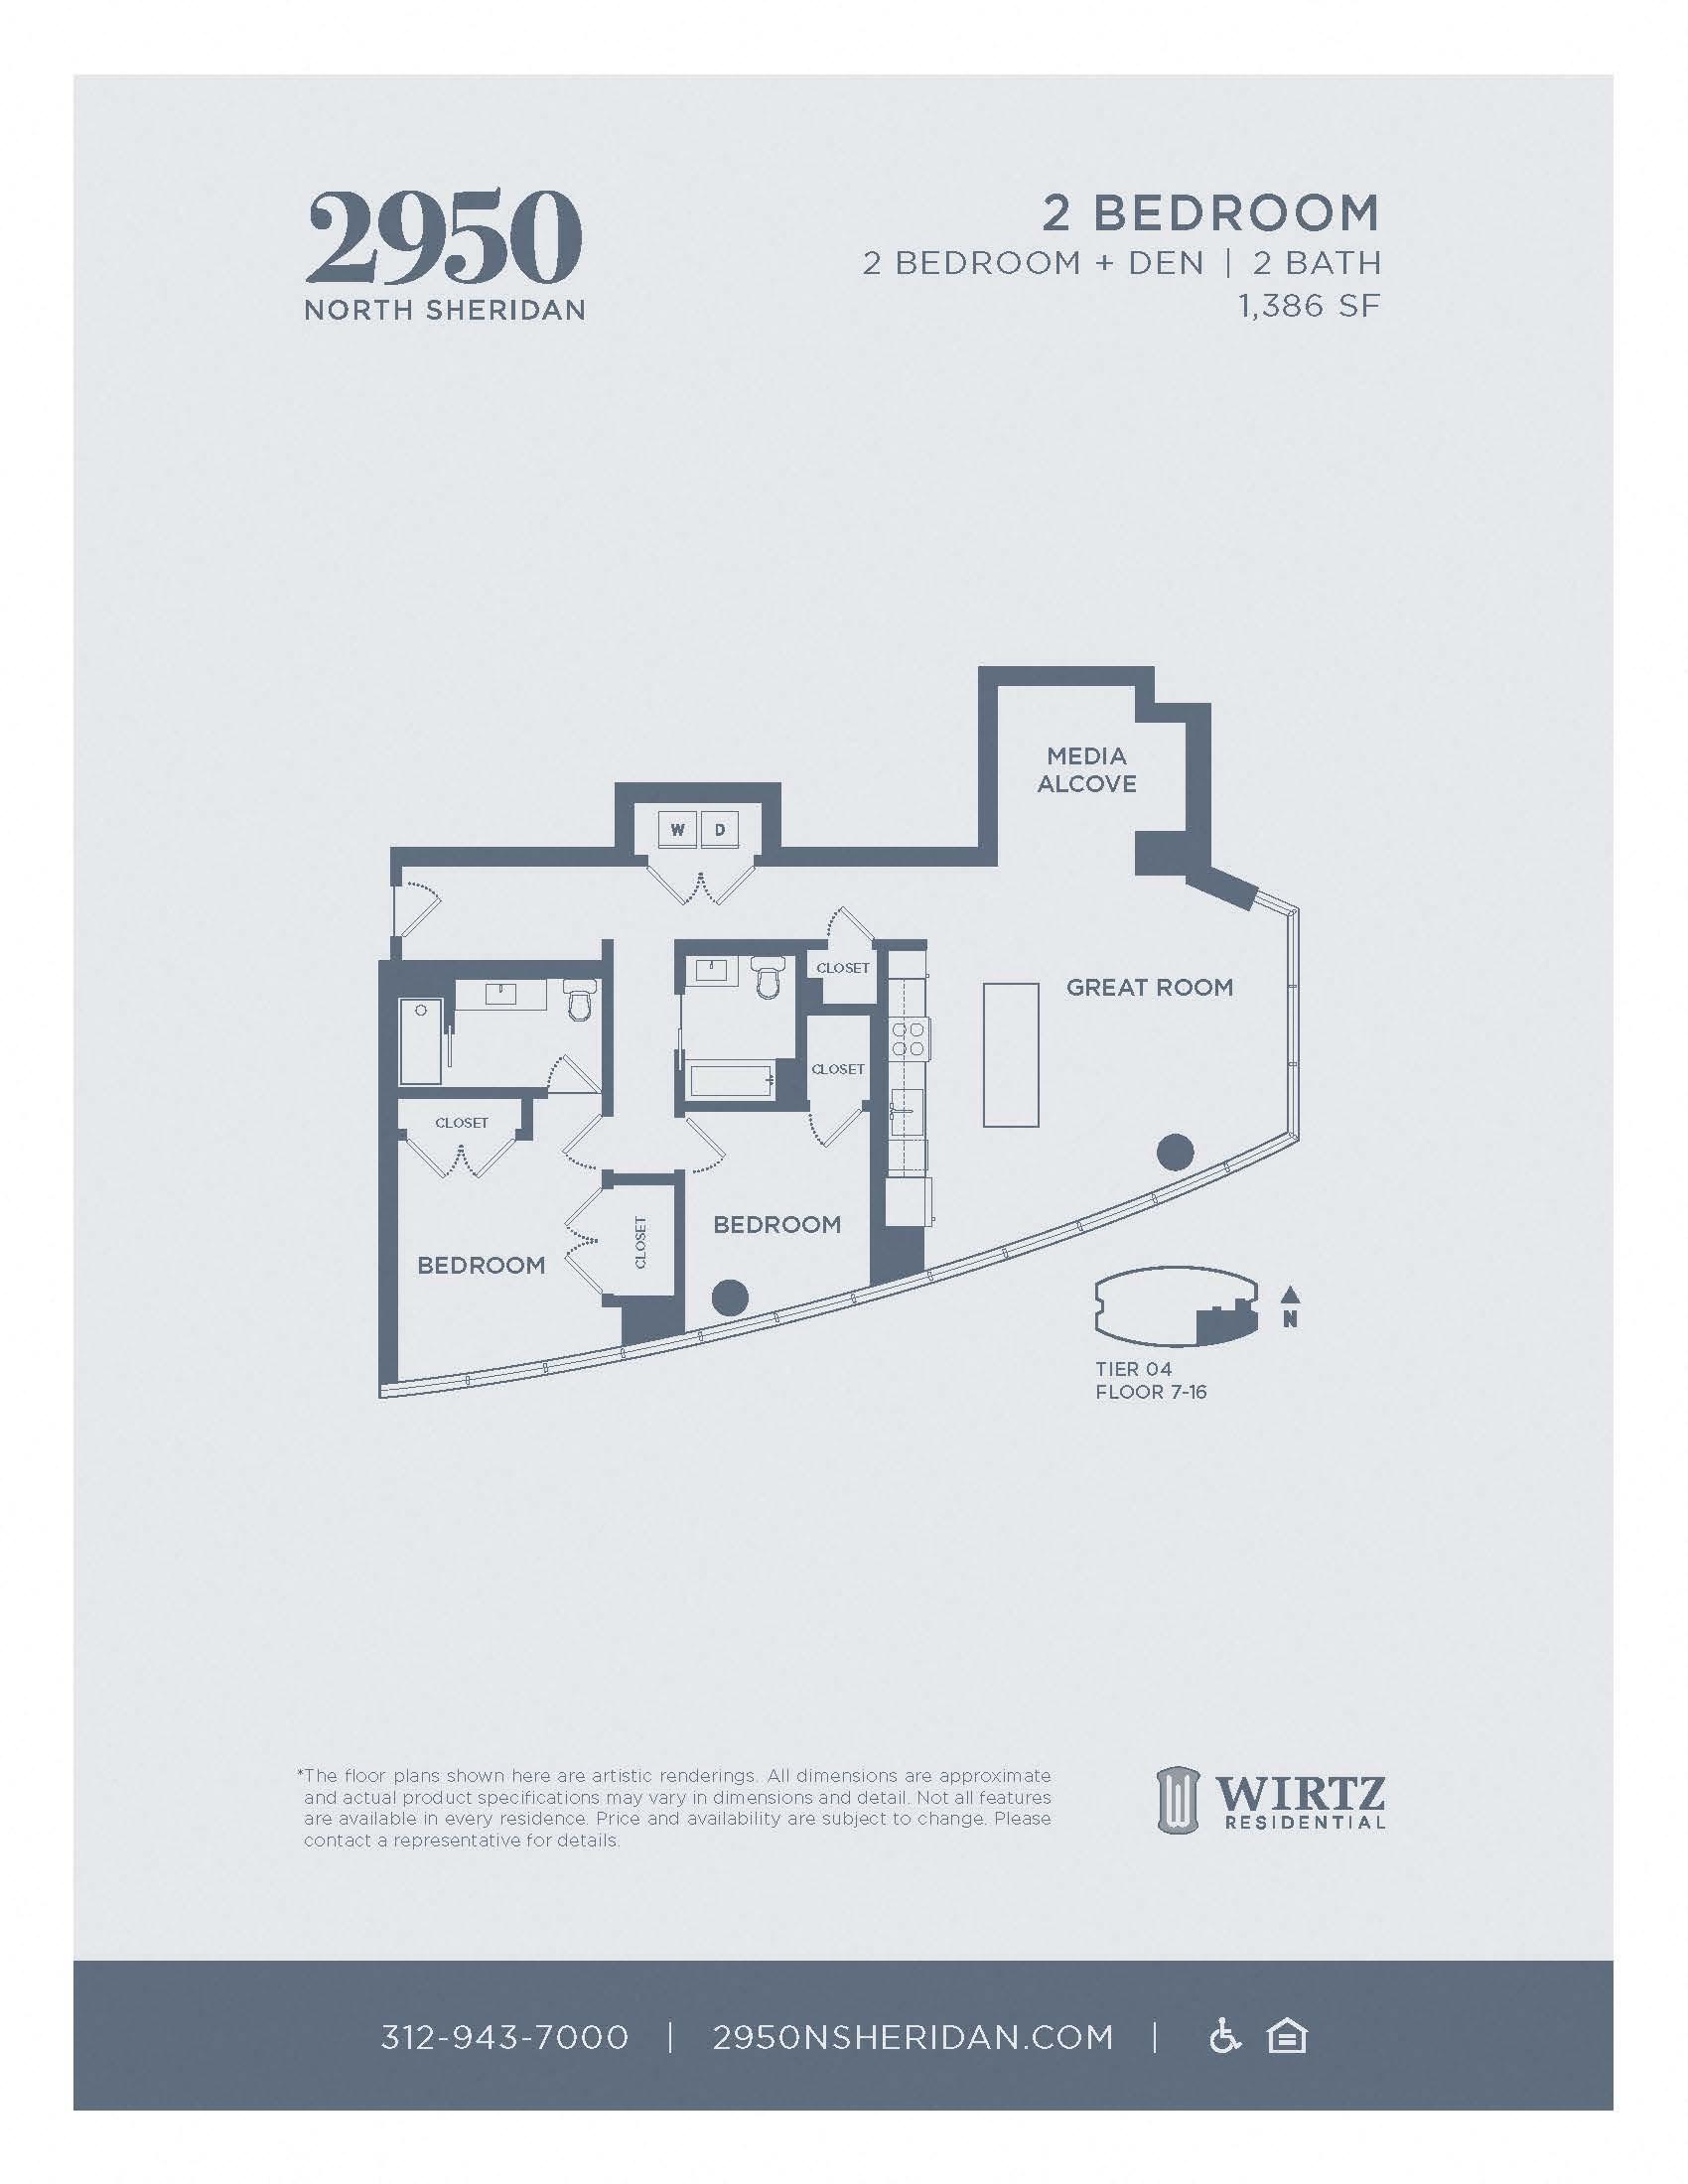 2 Bed 2 Bath + Den Tier 04 FL 7 - 16